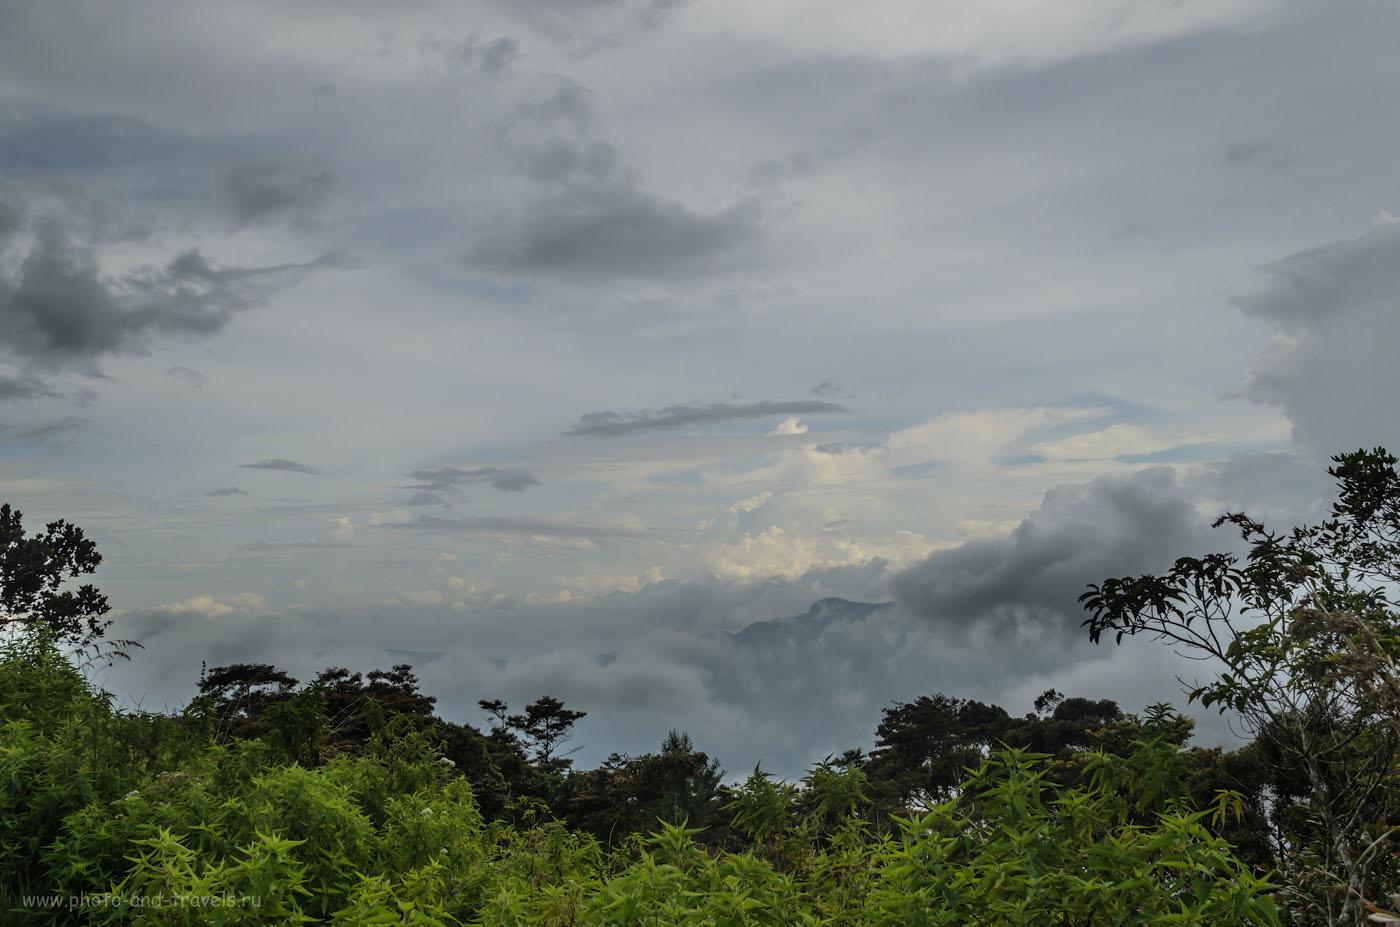 Фотография 17. Затерянный мир в горах Шри-Ланки. Отзыв о поездке на машине по секретной дороге через парк Хортон Плейнс в деревню Наллатанния у подножия Пика Адама. Самостоятельный отдых на Цейлоне.